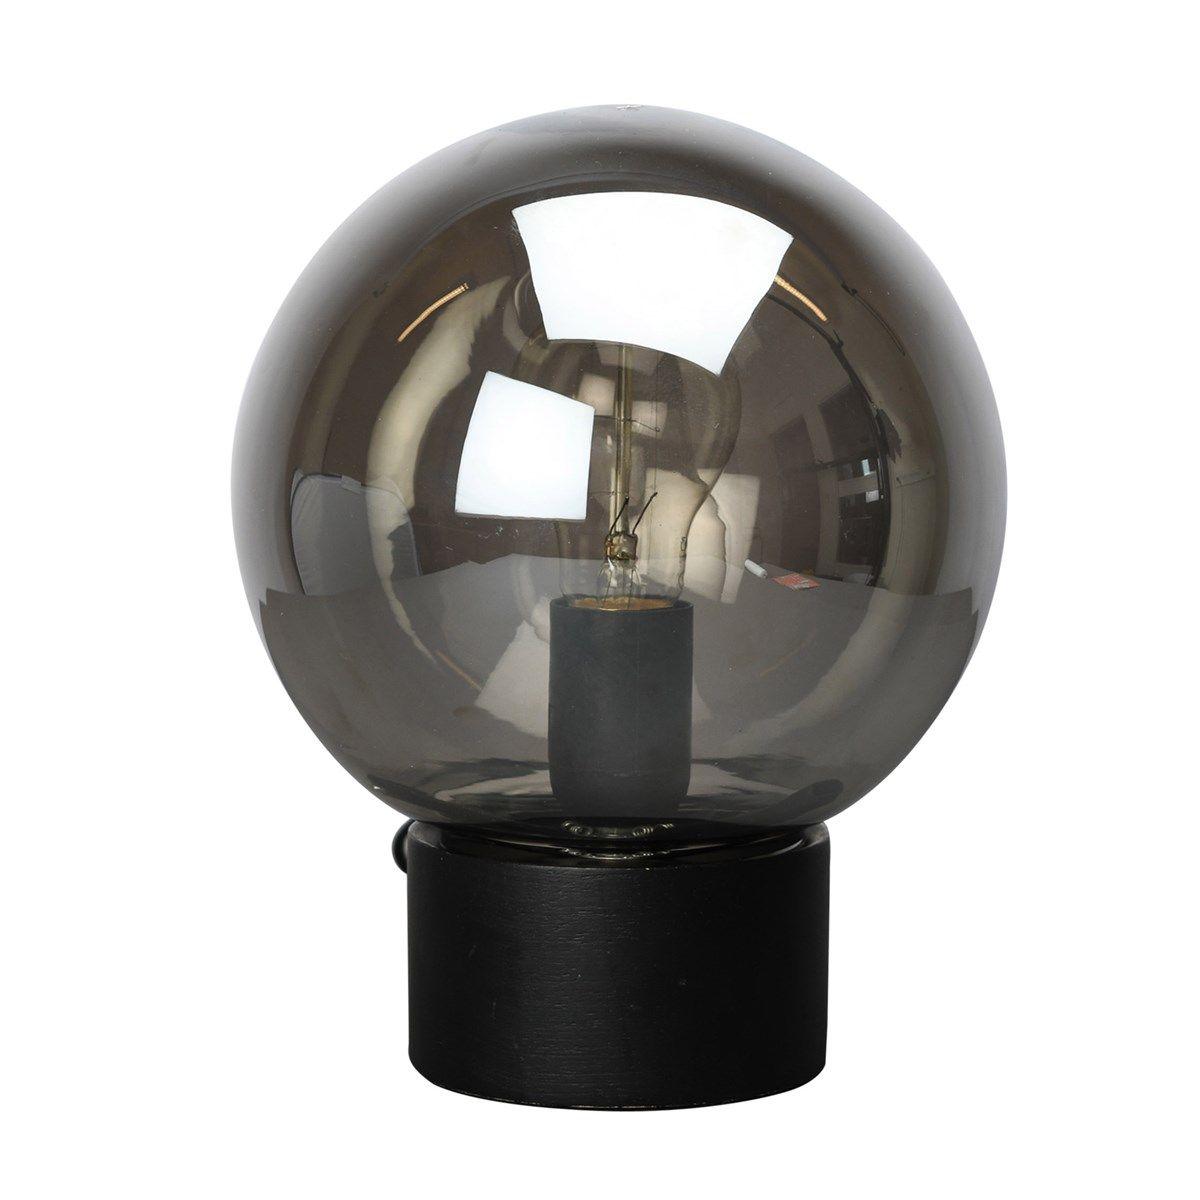 Magic Tischleuchte Schwarz Silber In 2020 Tischleuchte Schwarz Wohnzimmer Leuchte Led Deckenstrahler